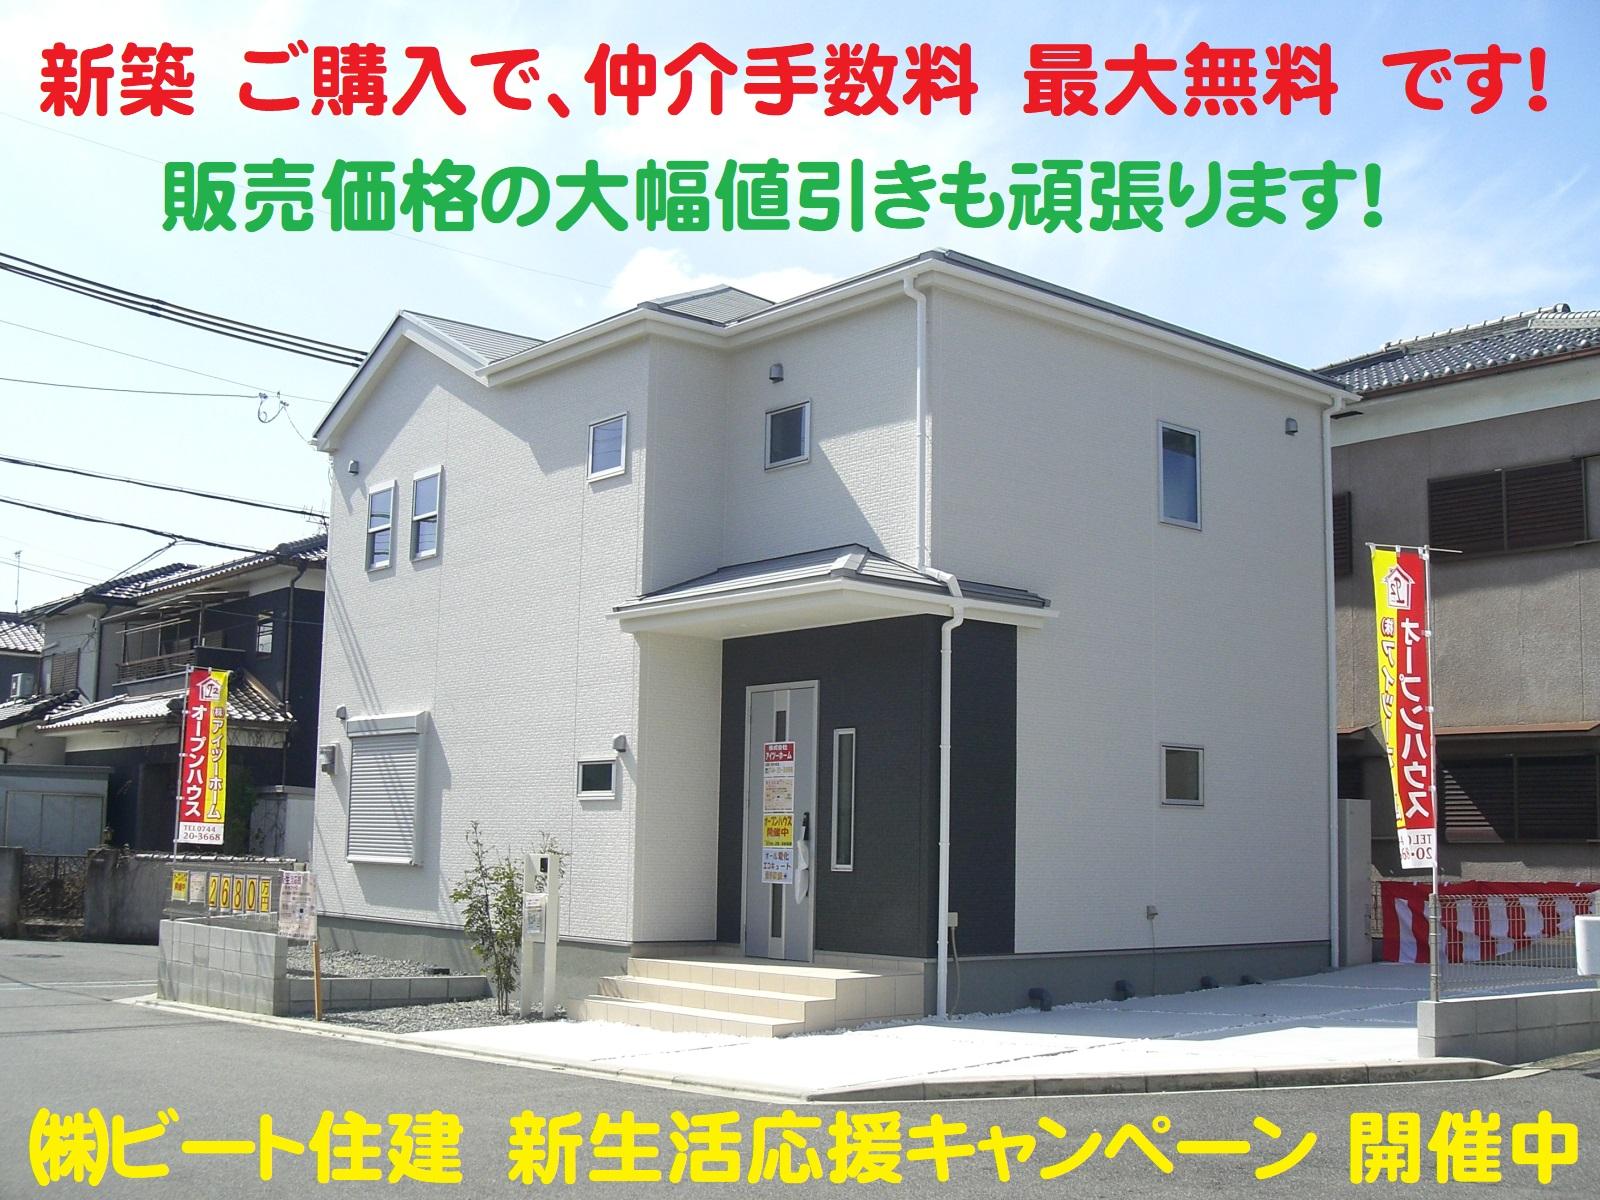 香芝市五位堂 建物 飯田グループ 一建設  モデルハウス 御座います!